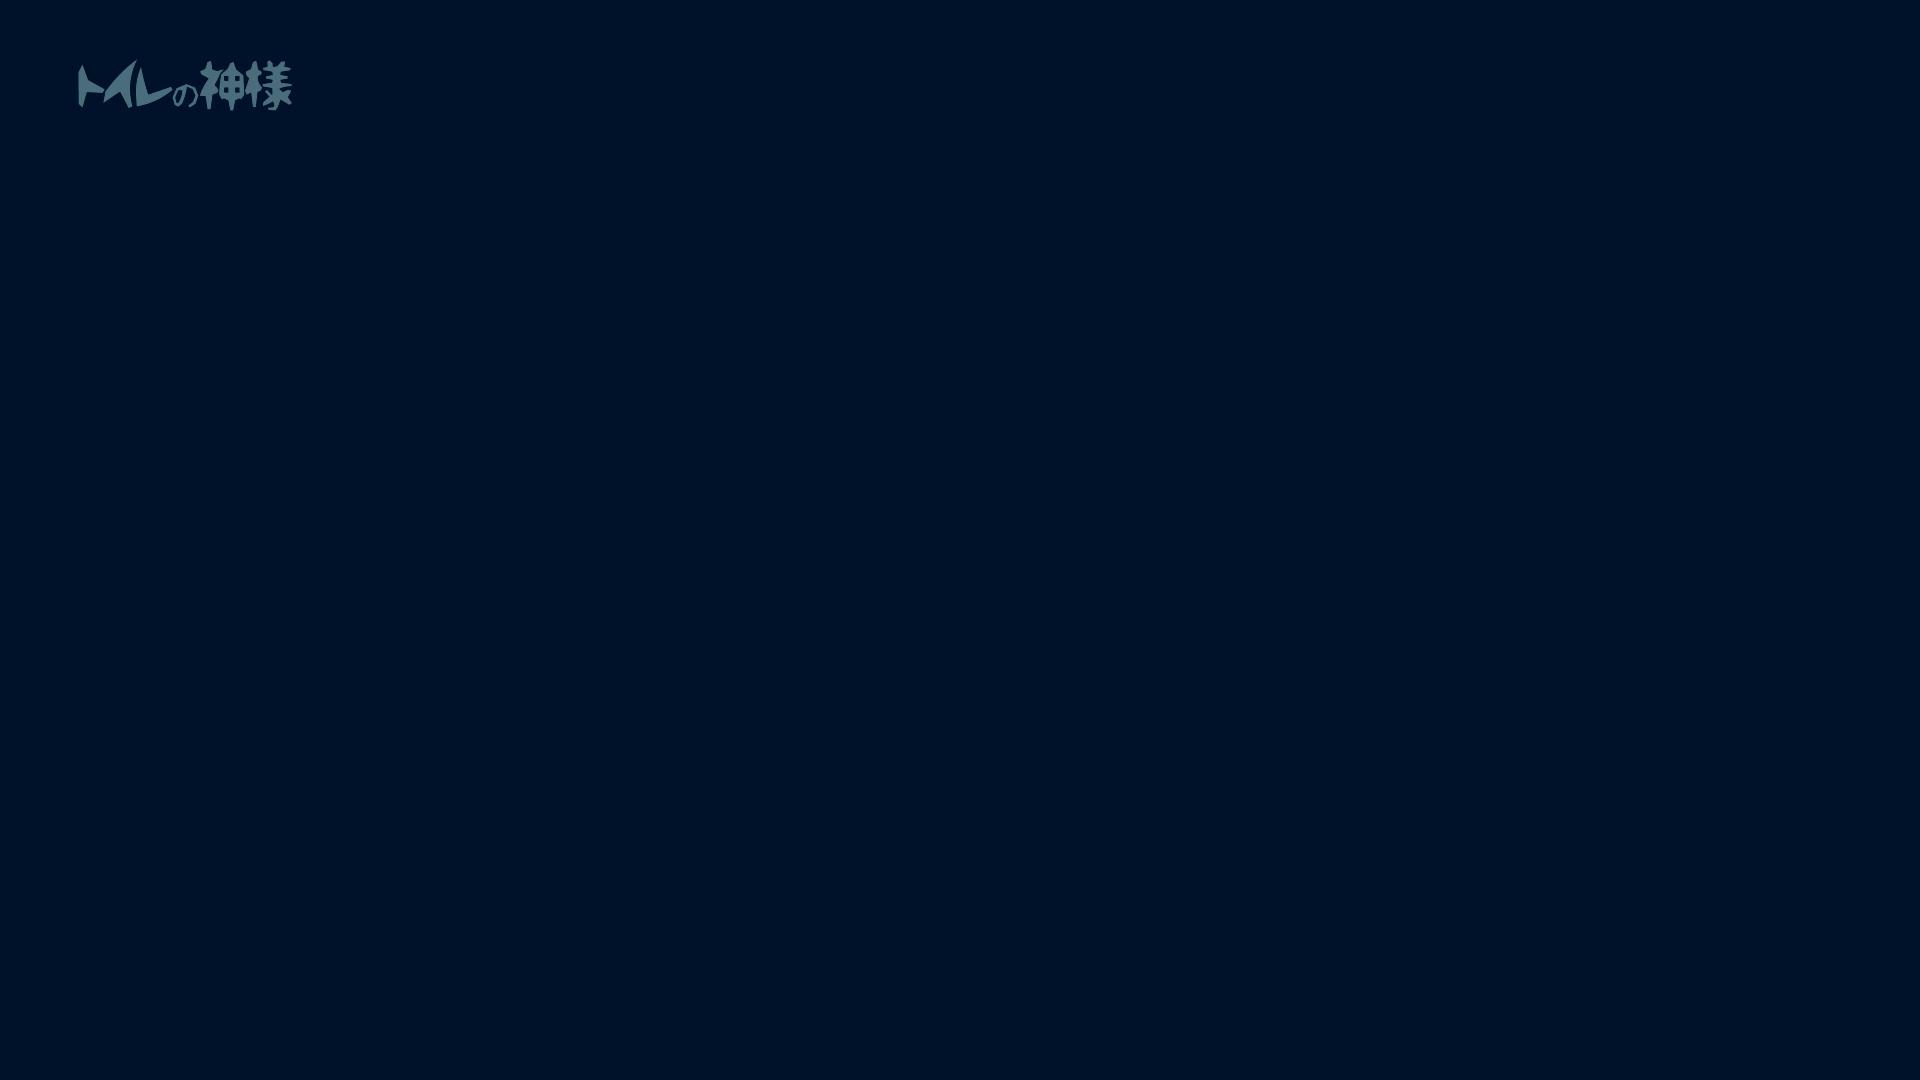 トイレの神様 Vol.01 花の女子大生うんこ盗撮1 エッチな盗撮 女性器鑑賞 96pic 66